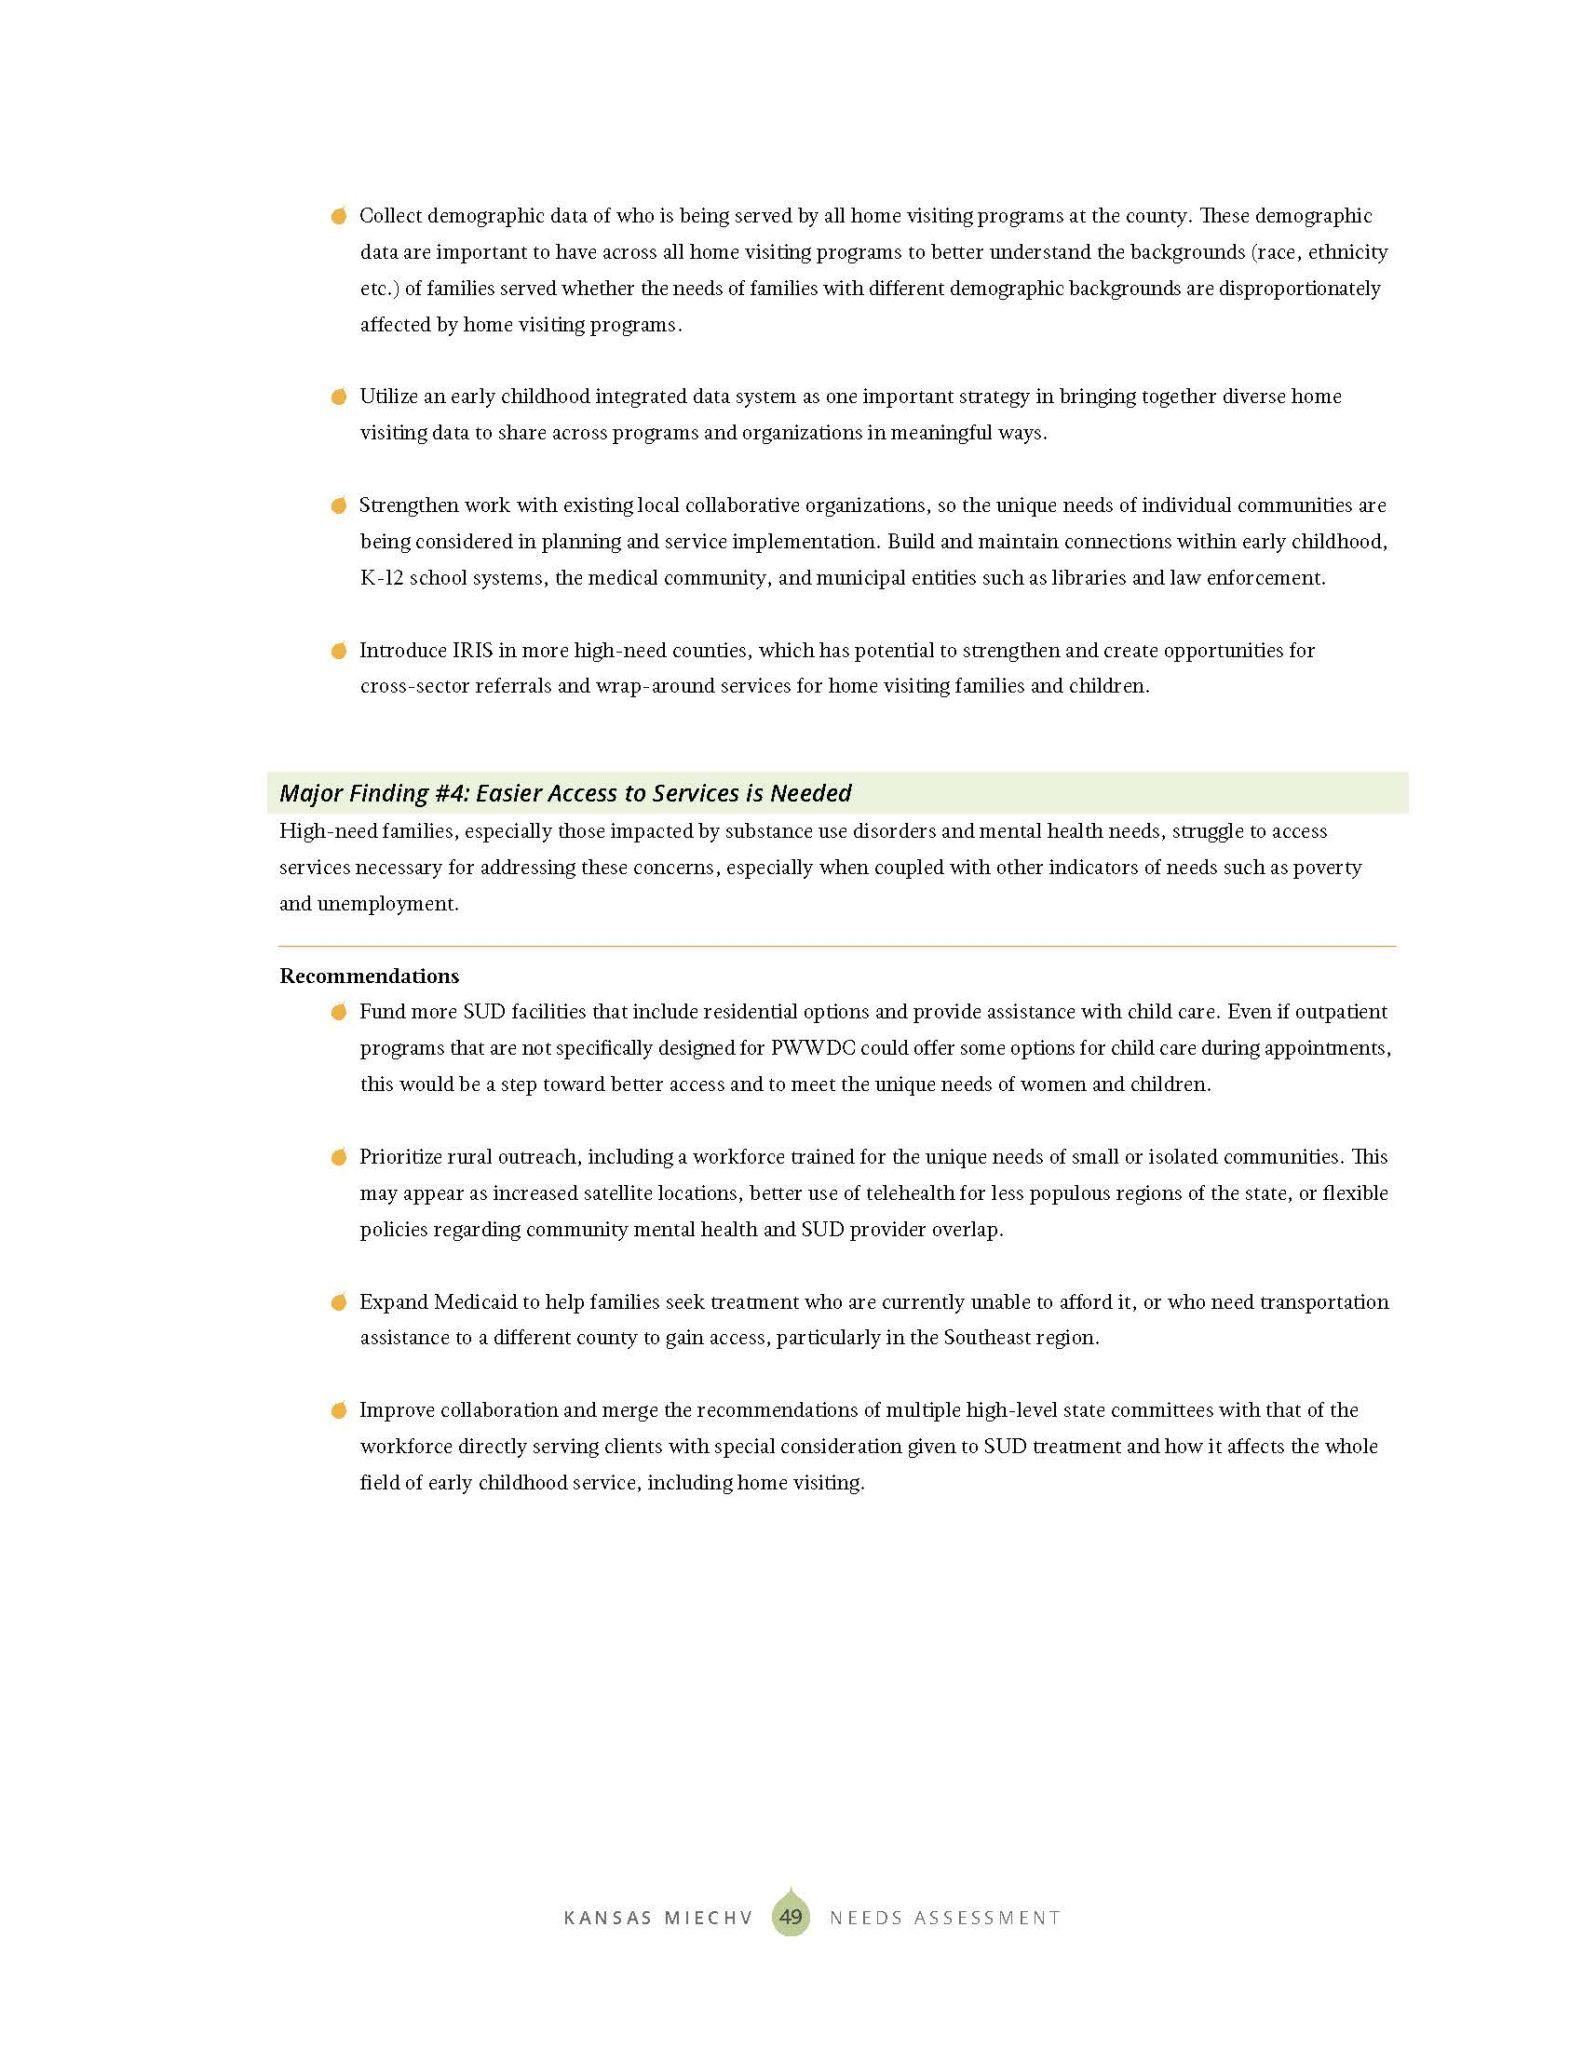 KS MIECHV 2020 Needs Assessment_DIGITAL_Page_057